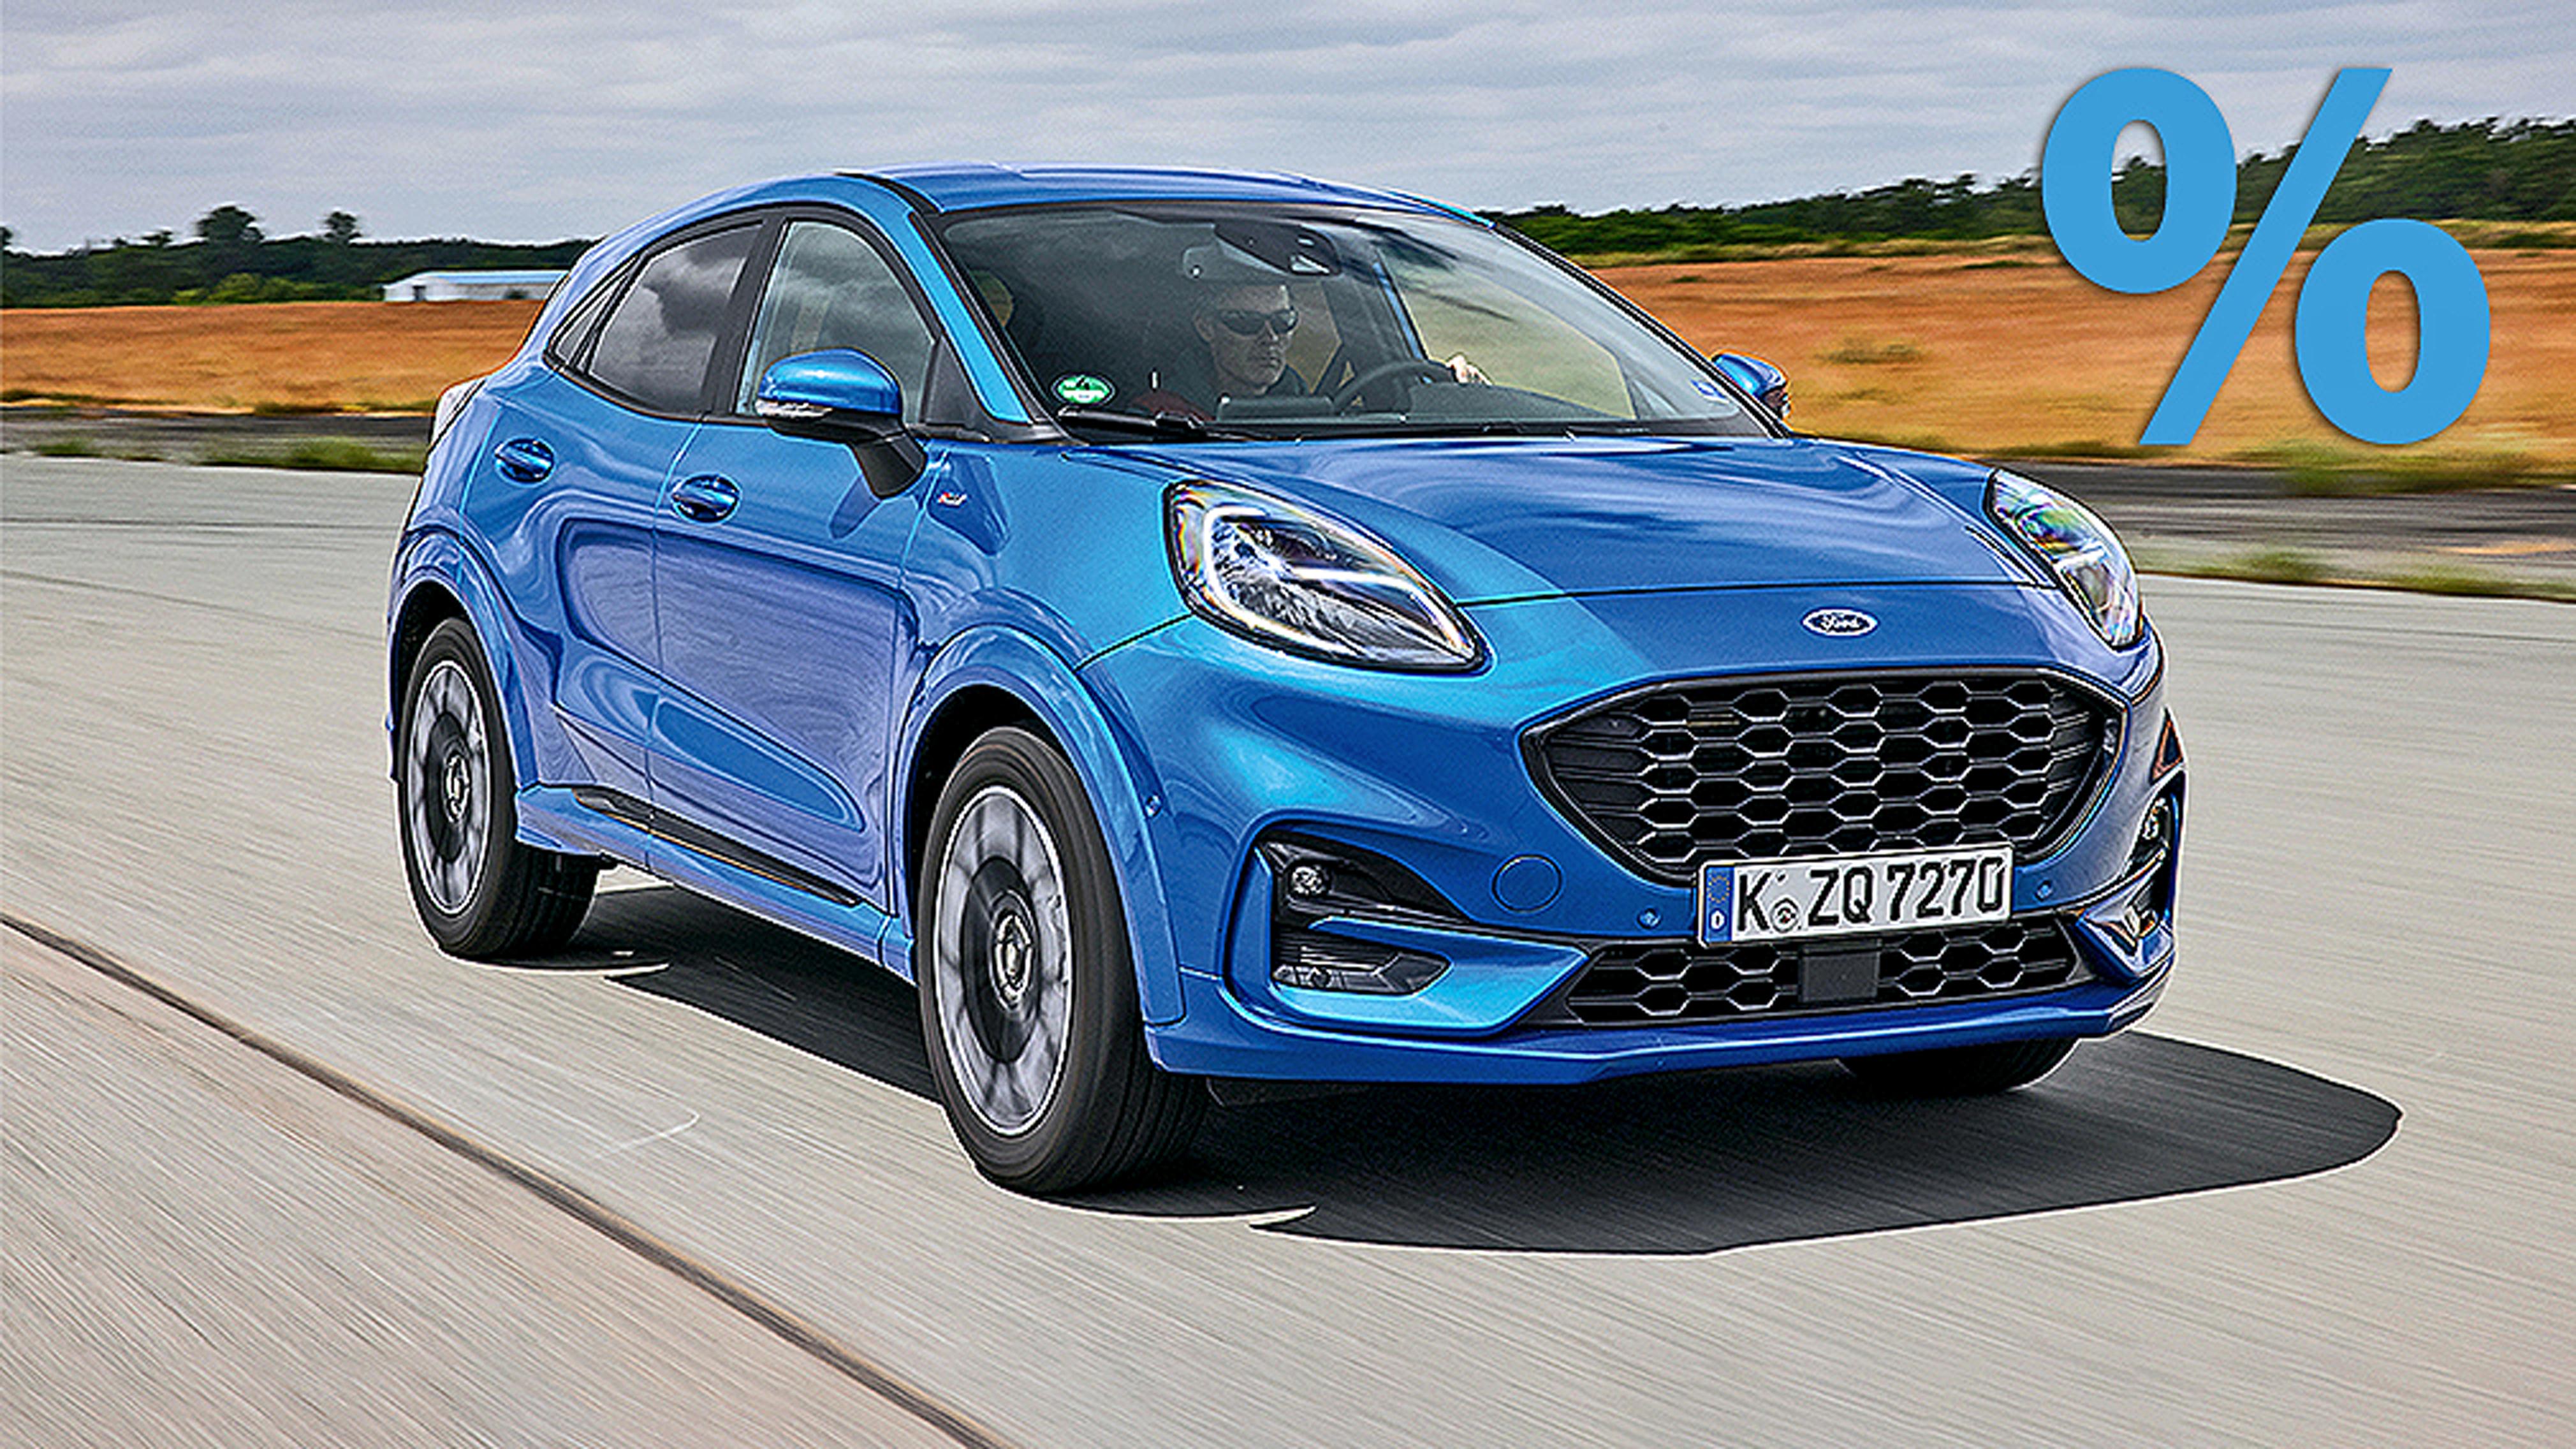 ford-puma-2021-preis-st-line-rabatt-hier-gibt-es-den-stylischen-ford-puma-mehr-als-8000-euro-g-nstiger